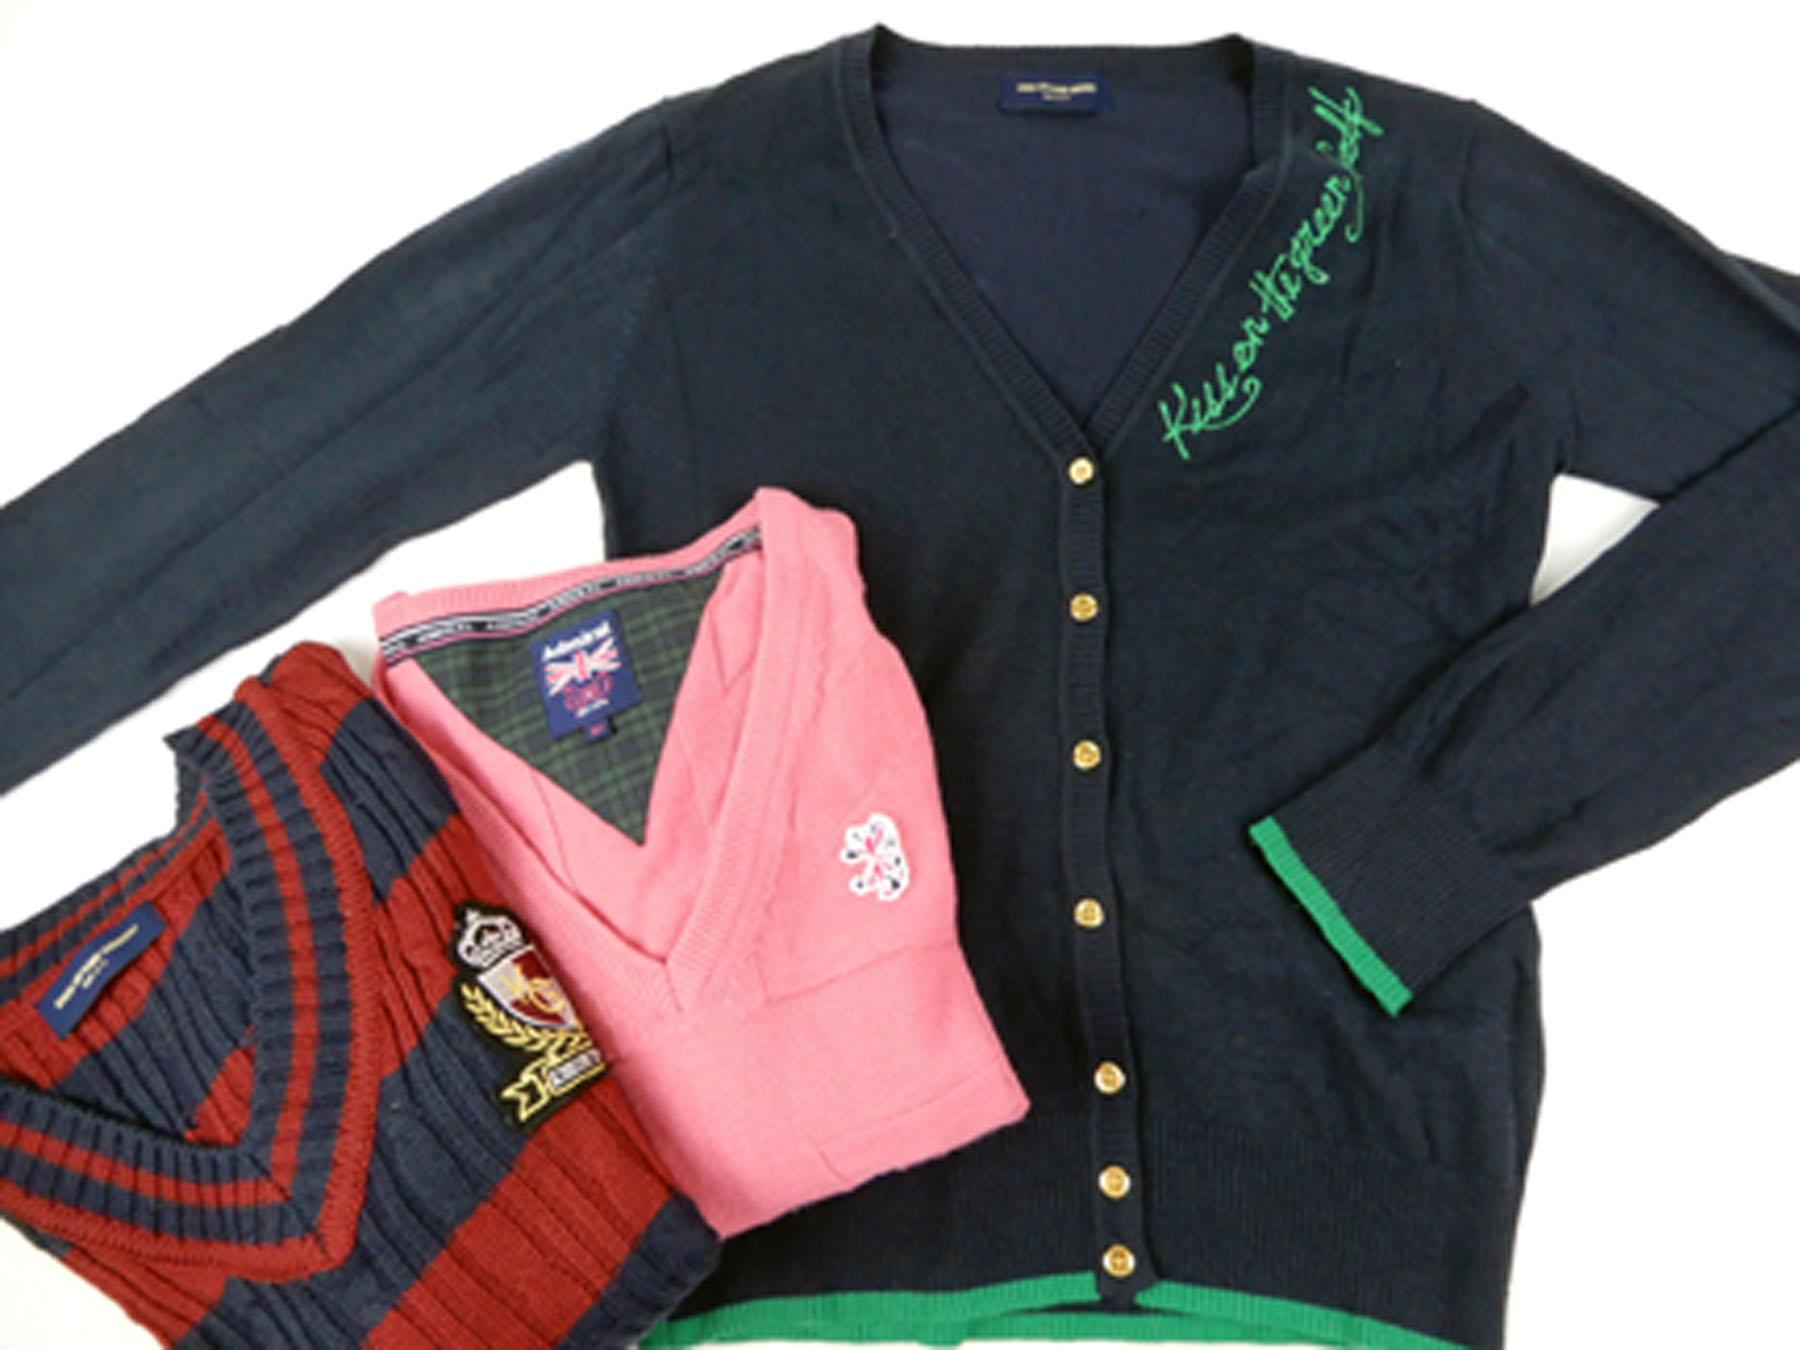 キスオンザグリーン(KISS ON THE GREEN) のVネックセーター(赤×ネイビー)とカーディガン(ネイビー)、 アドミラル(Admiral) のニット(ピンク)などのゴルフウェアを買取りました。